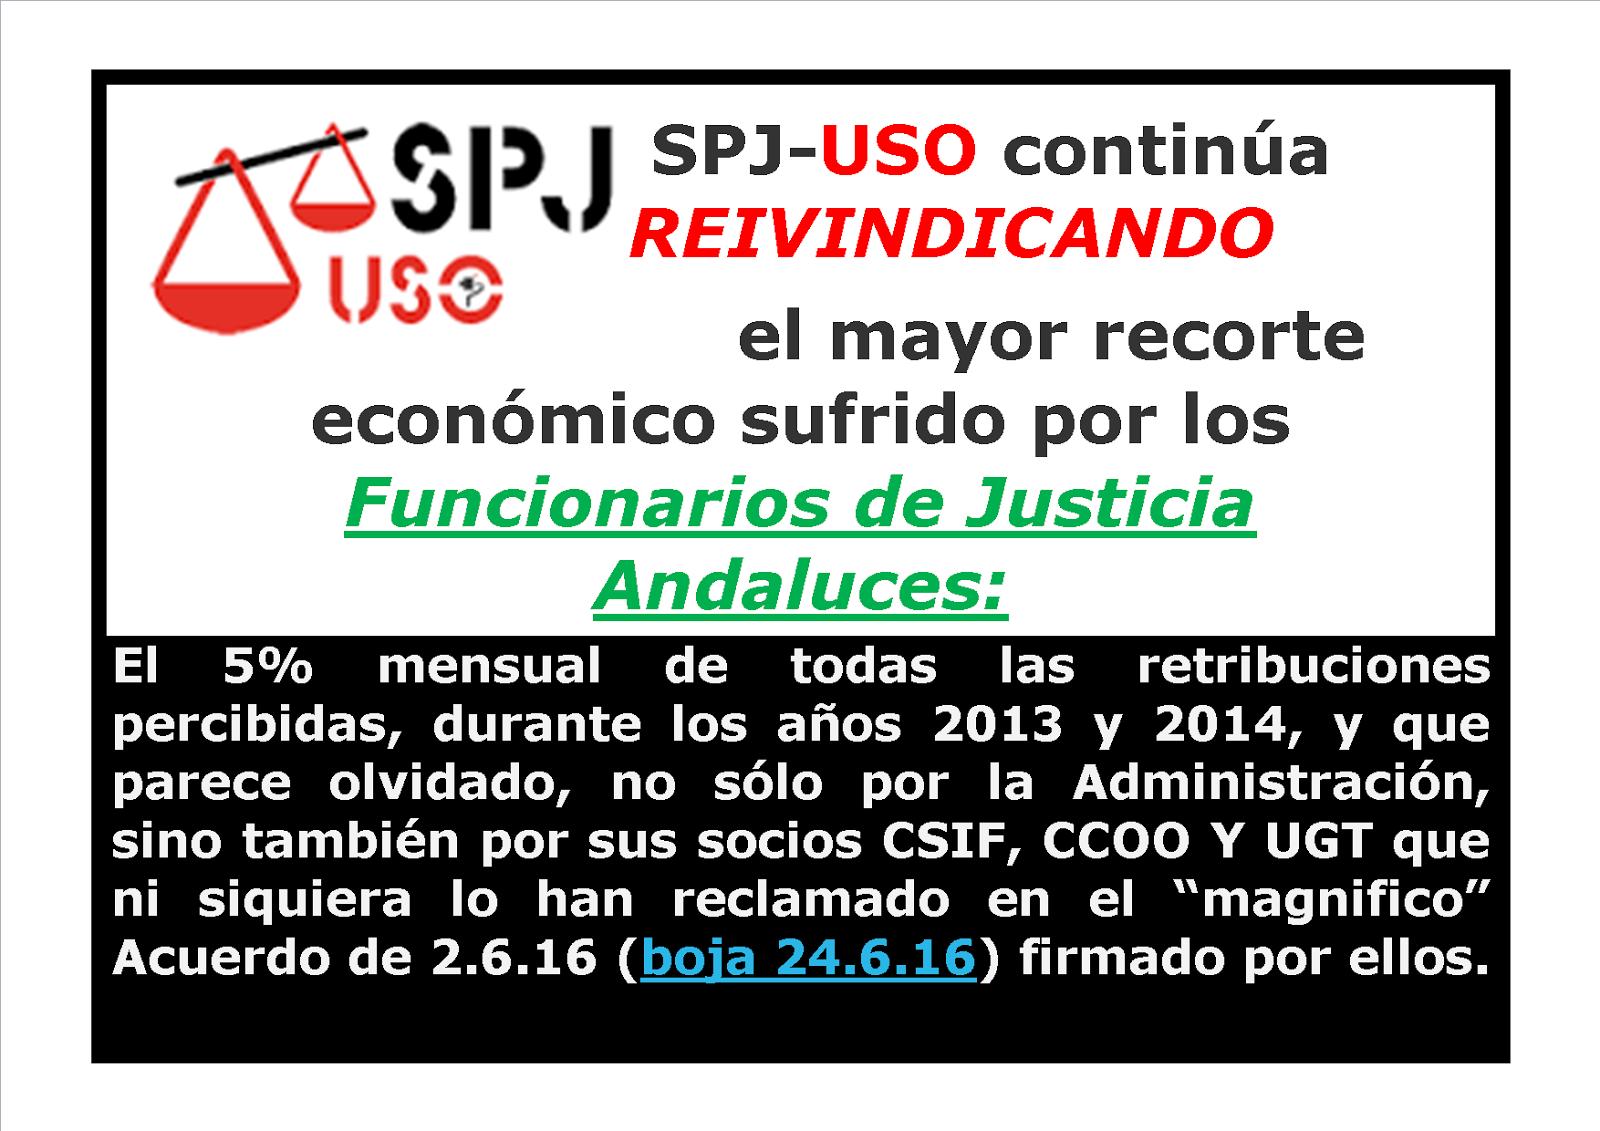 SPJ-USO continúa REIVINDICANDO  la devolución derechos robados.